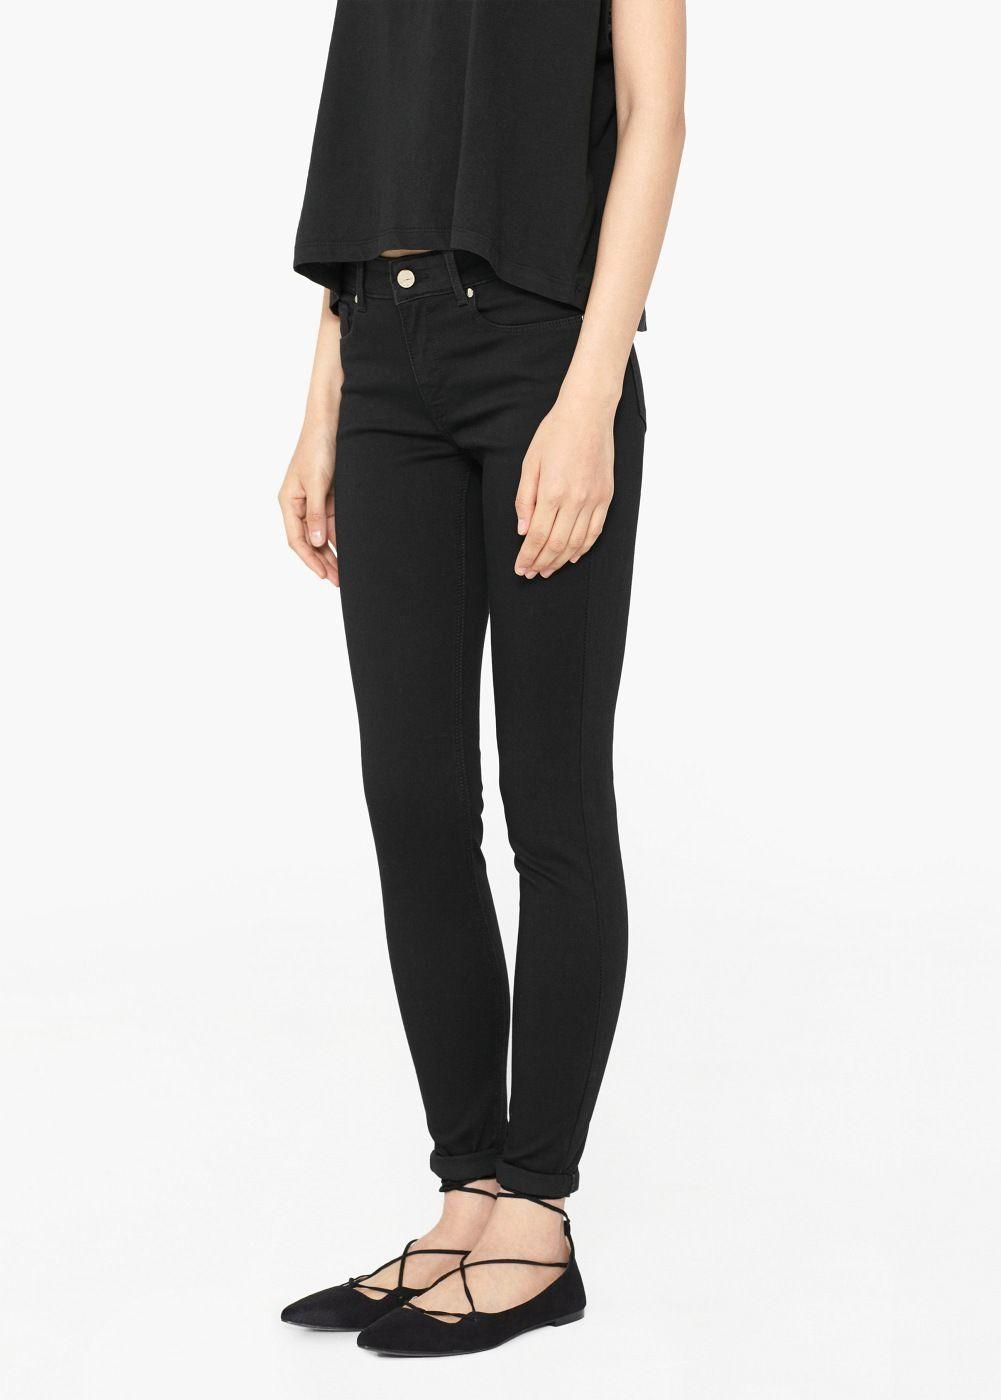 840081b0f Skinny elektra jeans - Jeans for Woman